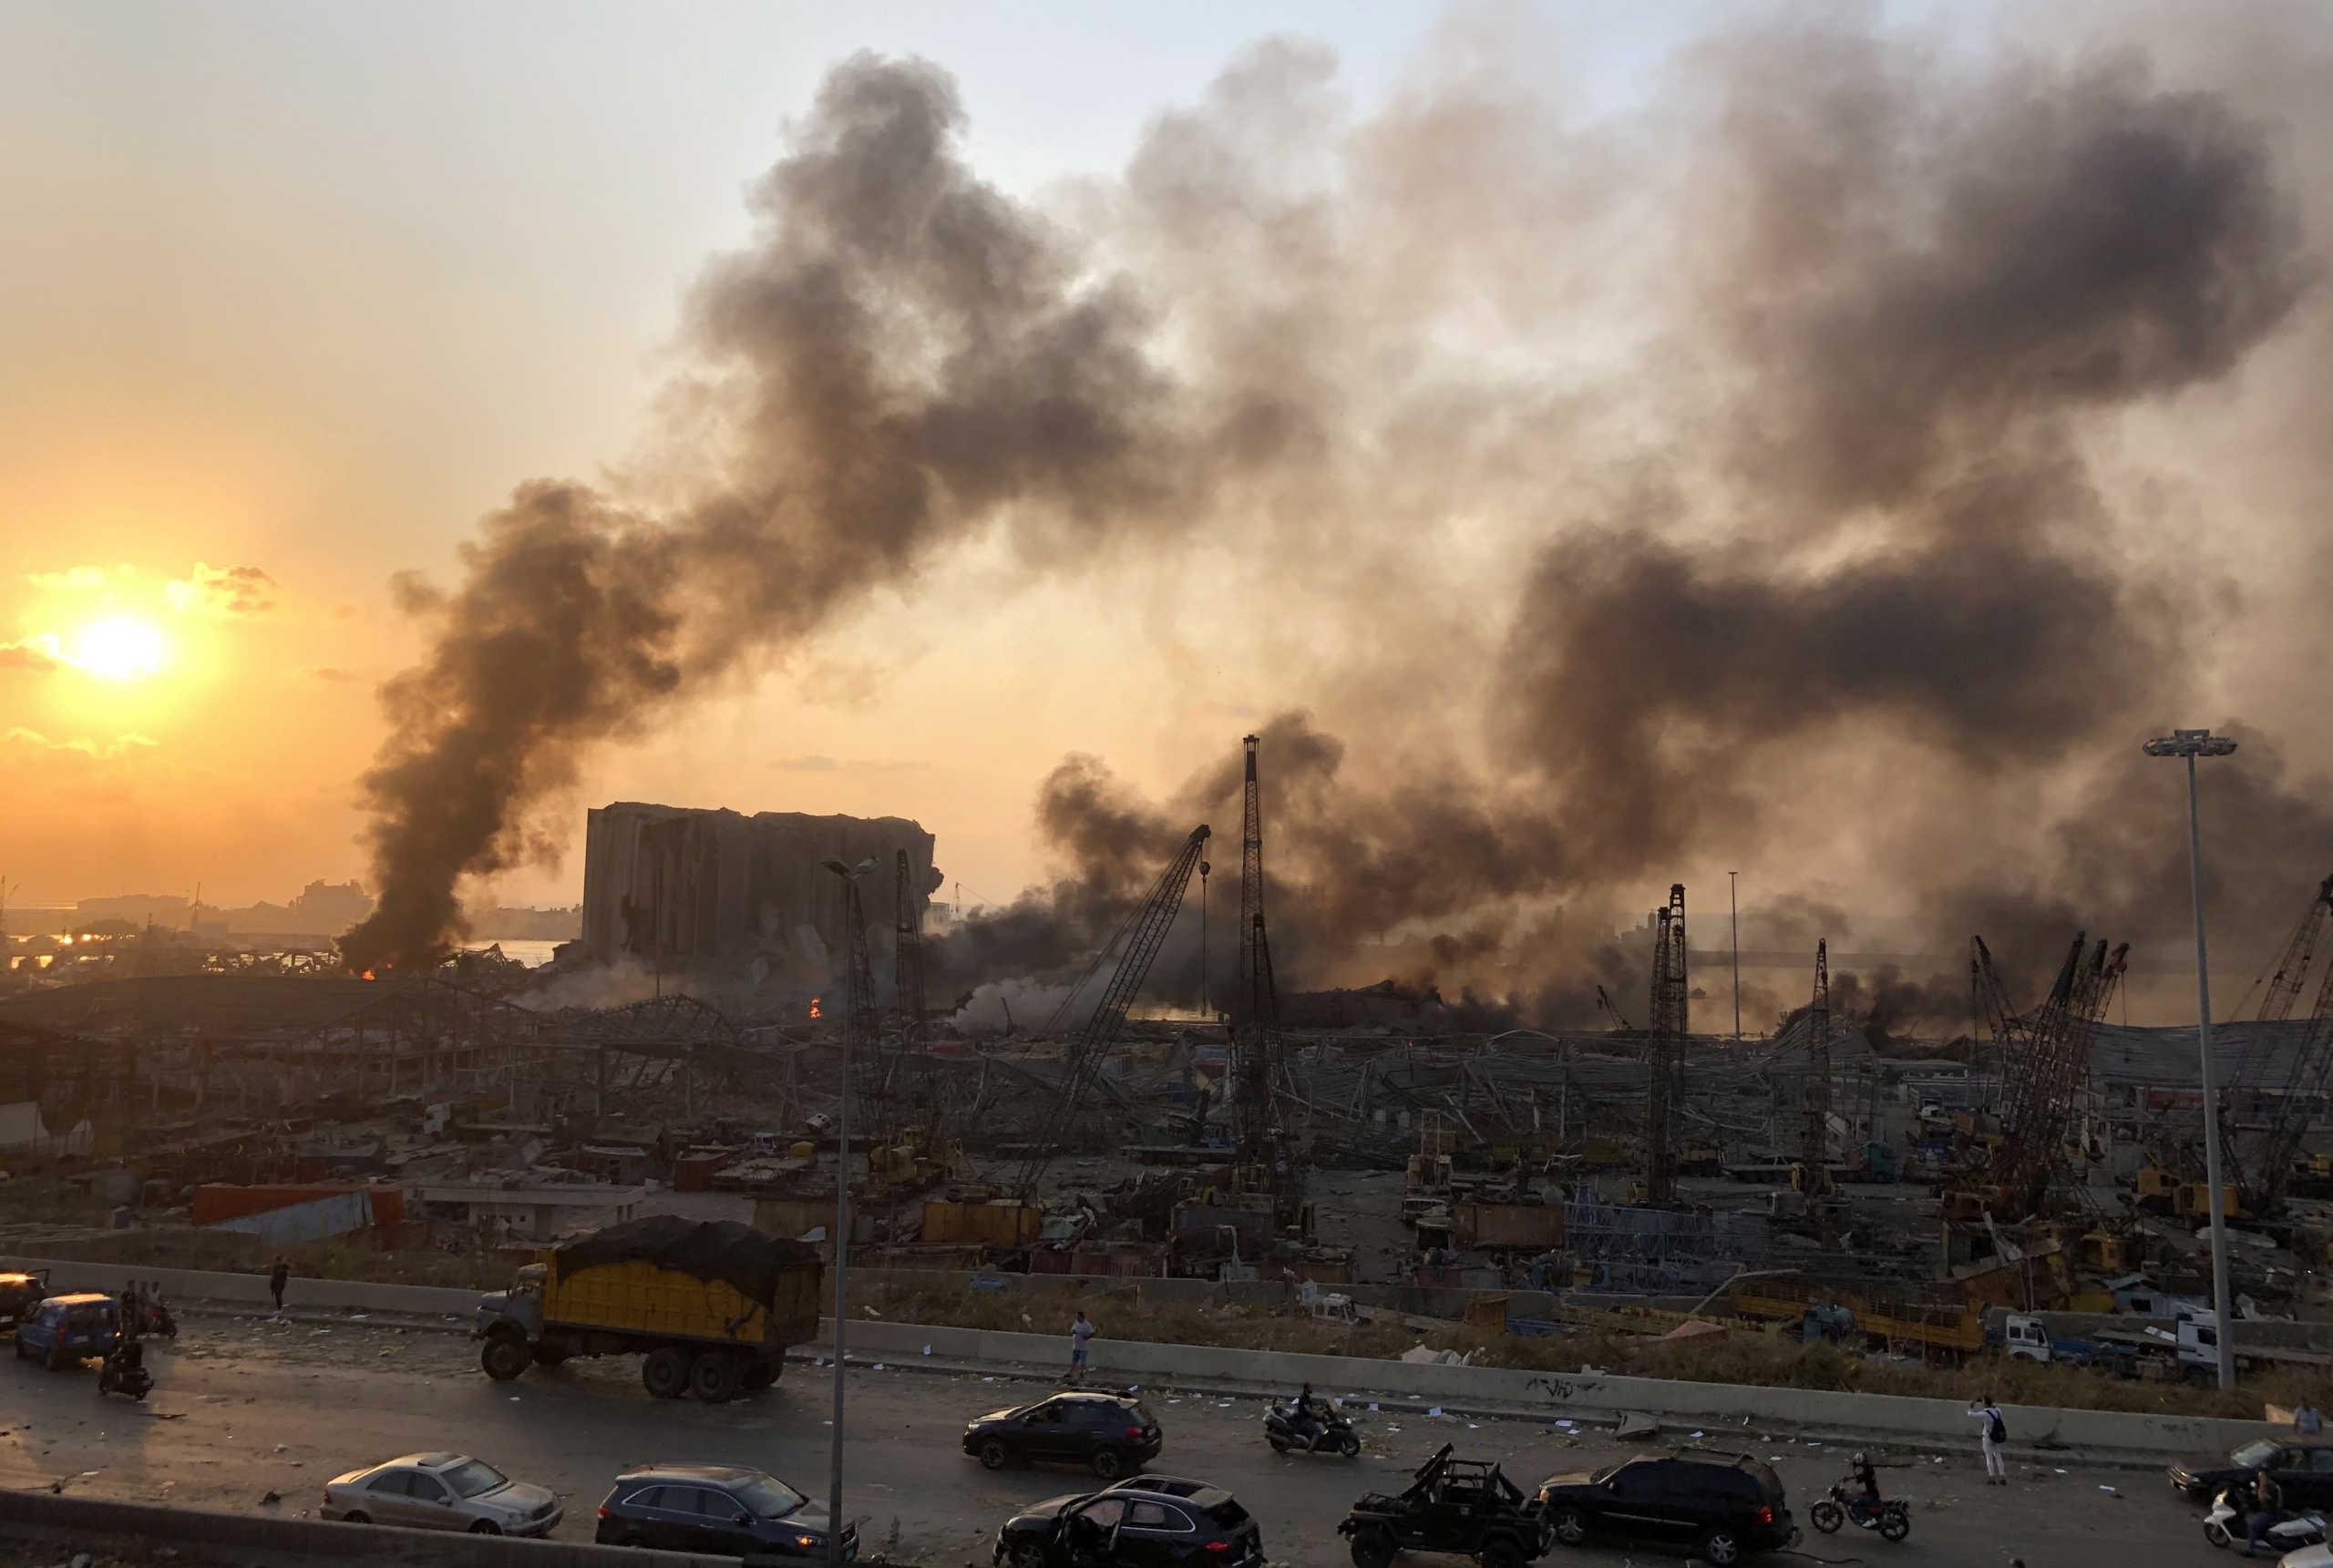 Βηρυτός: Τουλάχιστον 78 νεκροί και 4.000 τραυματίες από τις κολοσσιαίες εκρήξεις – Ανατινάχτηκαν 2.750 τόνοι νιτρικού αμμωνίου!